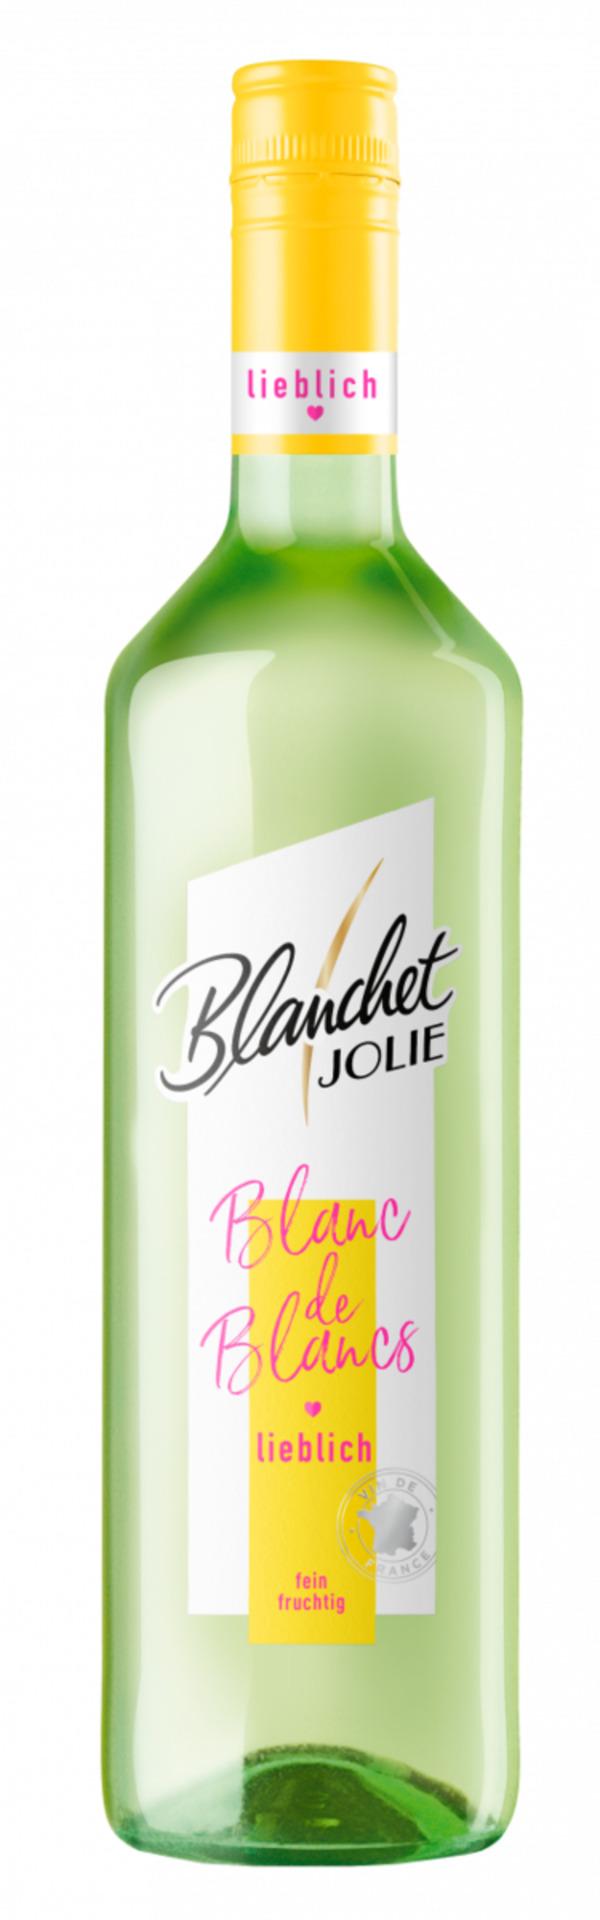 Blanchet Jolie Blanc de Blancs, Lieblich